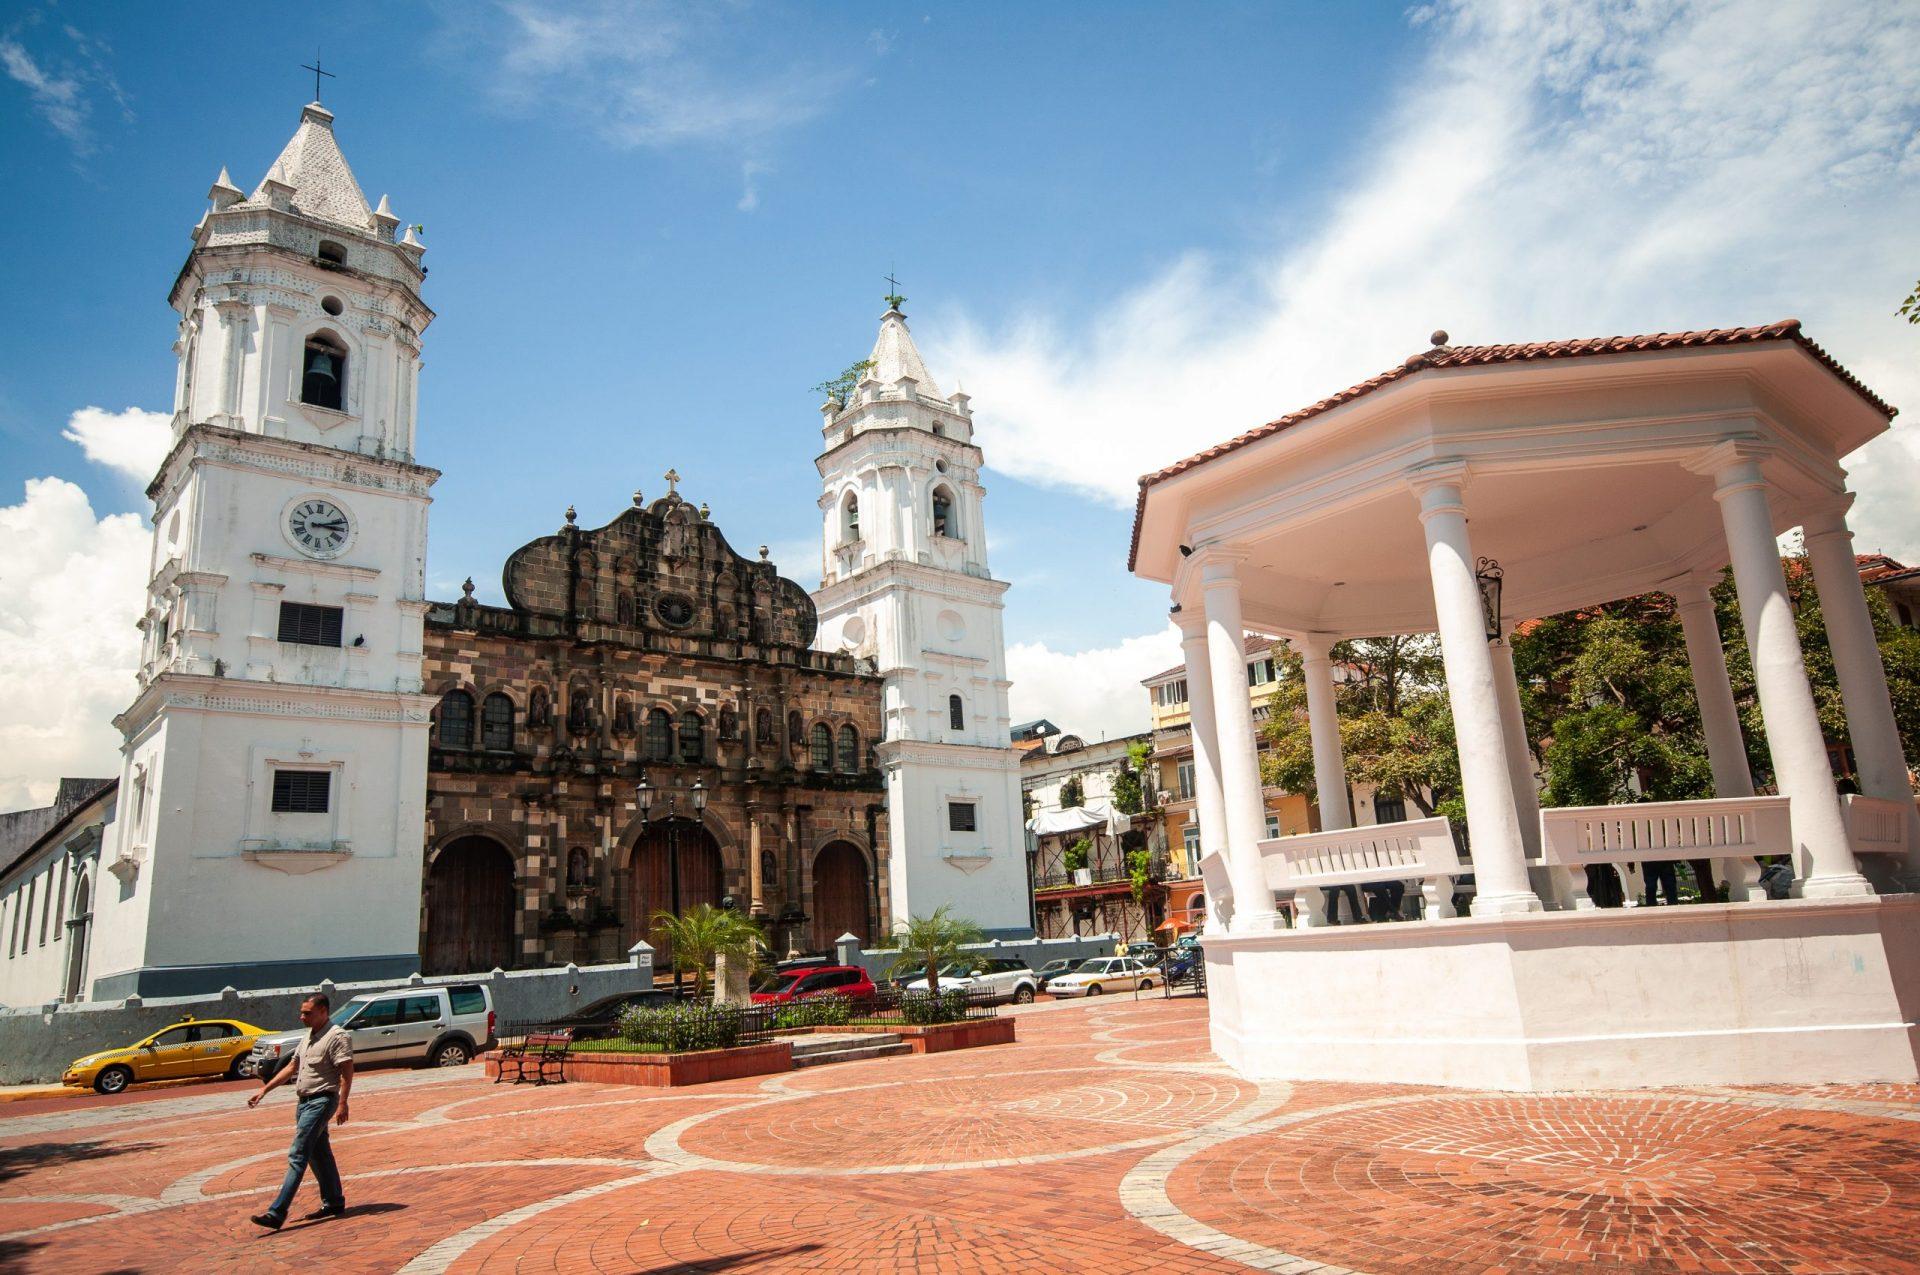 Panama city 4 scaled - Les globe blogueurs - blog voyage nature